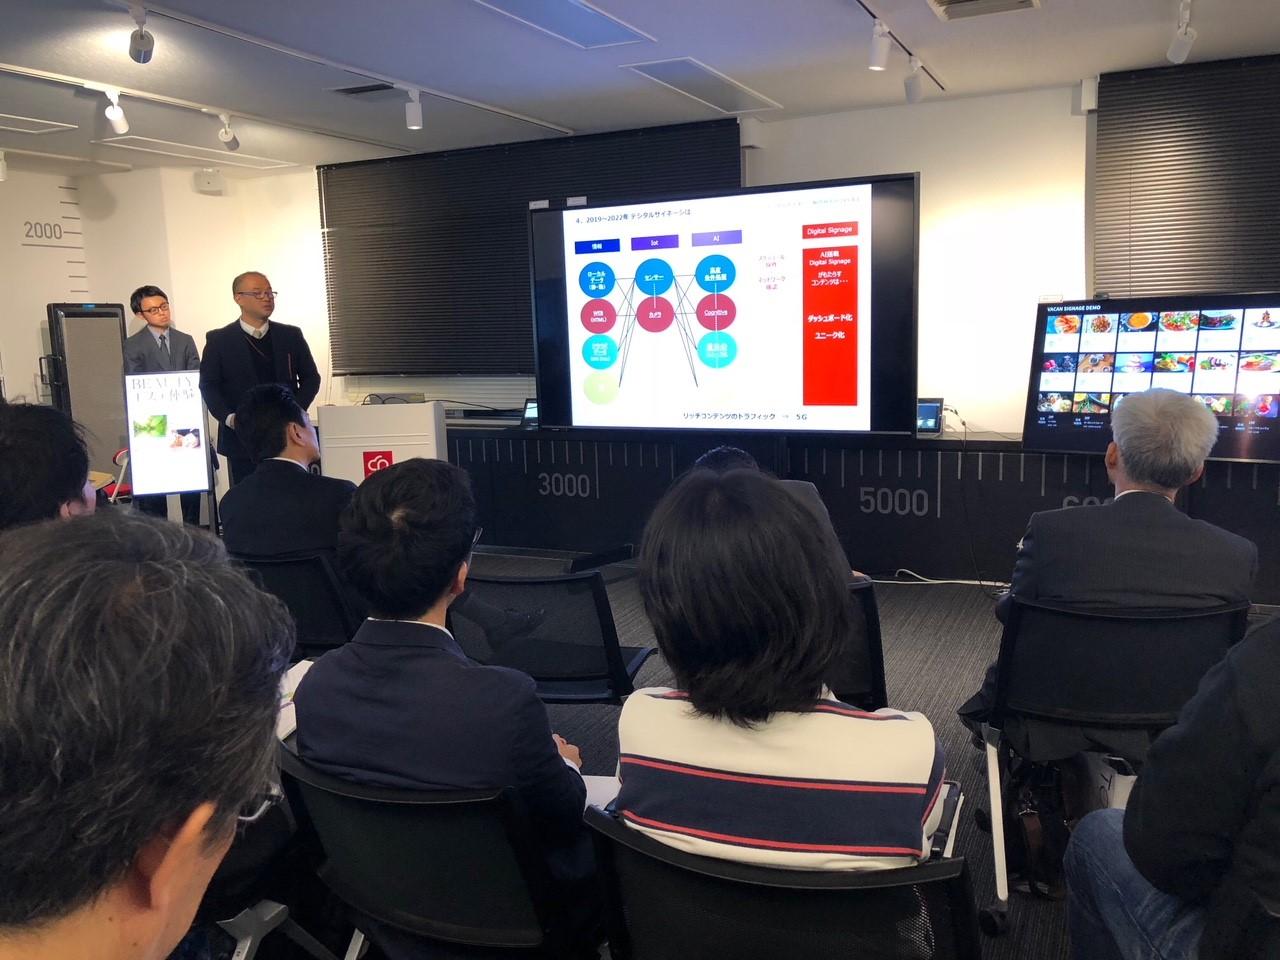 シャープマーケティングジャパン × クラウドポイント × デジタルサイネージ総研 3社共同セミナー